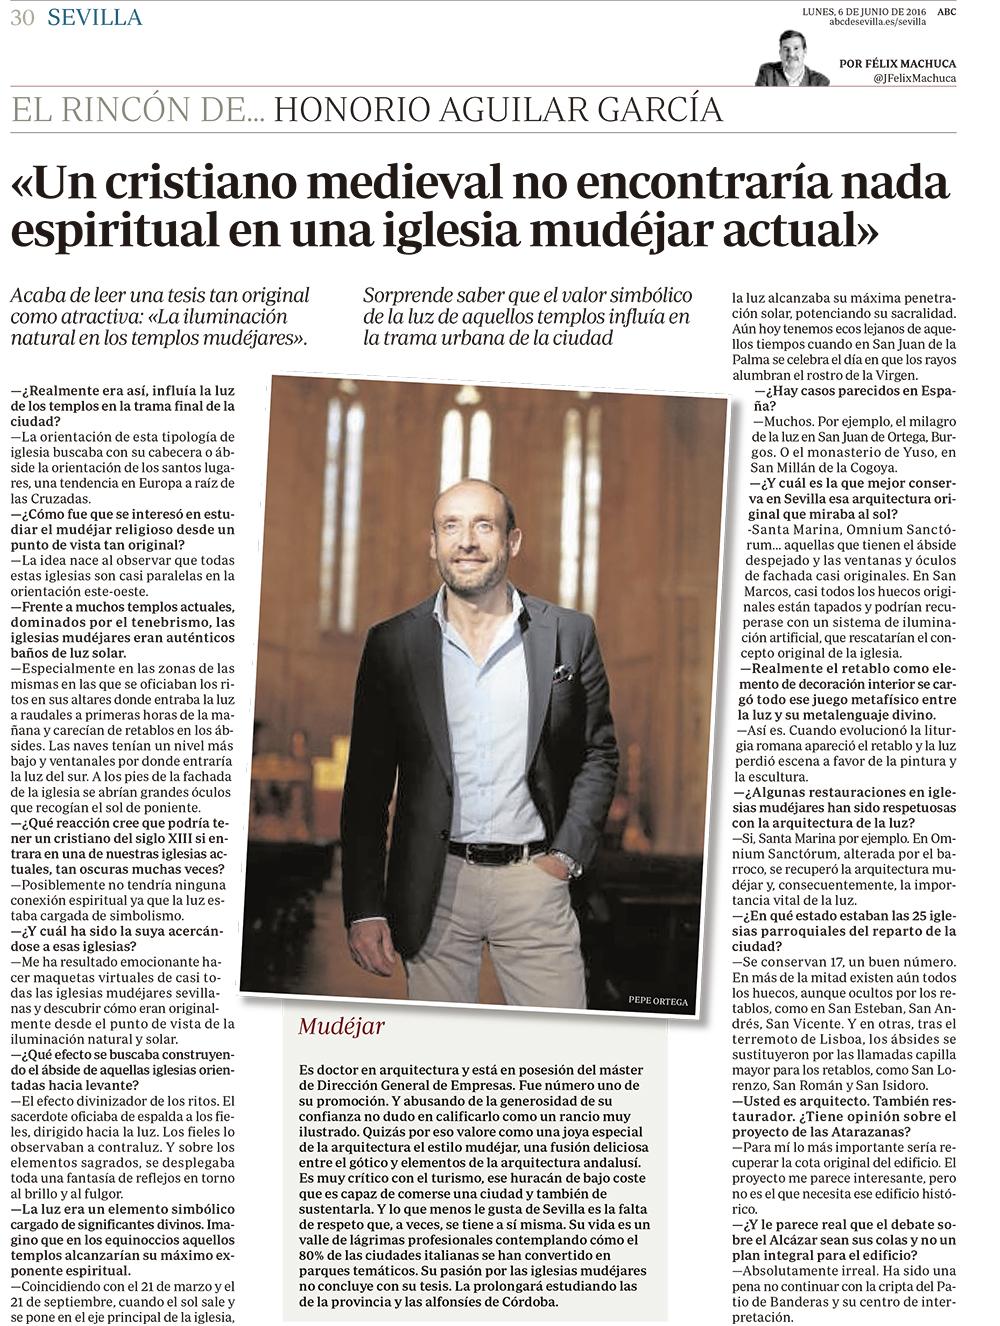 Entrevista a Honorio Aguilar García en ABC de Sevilla